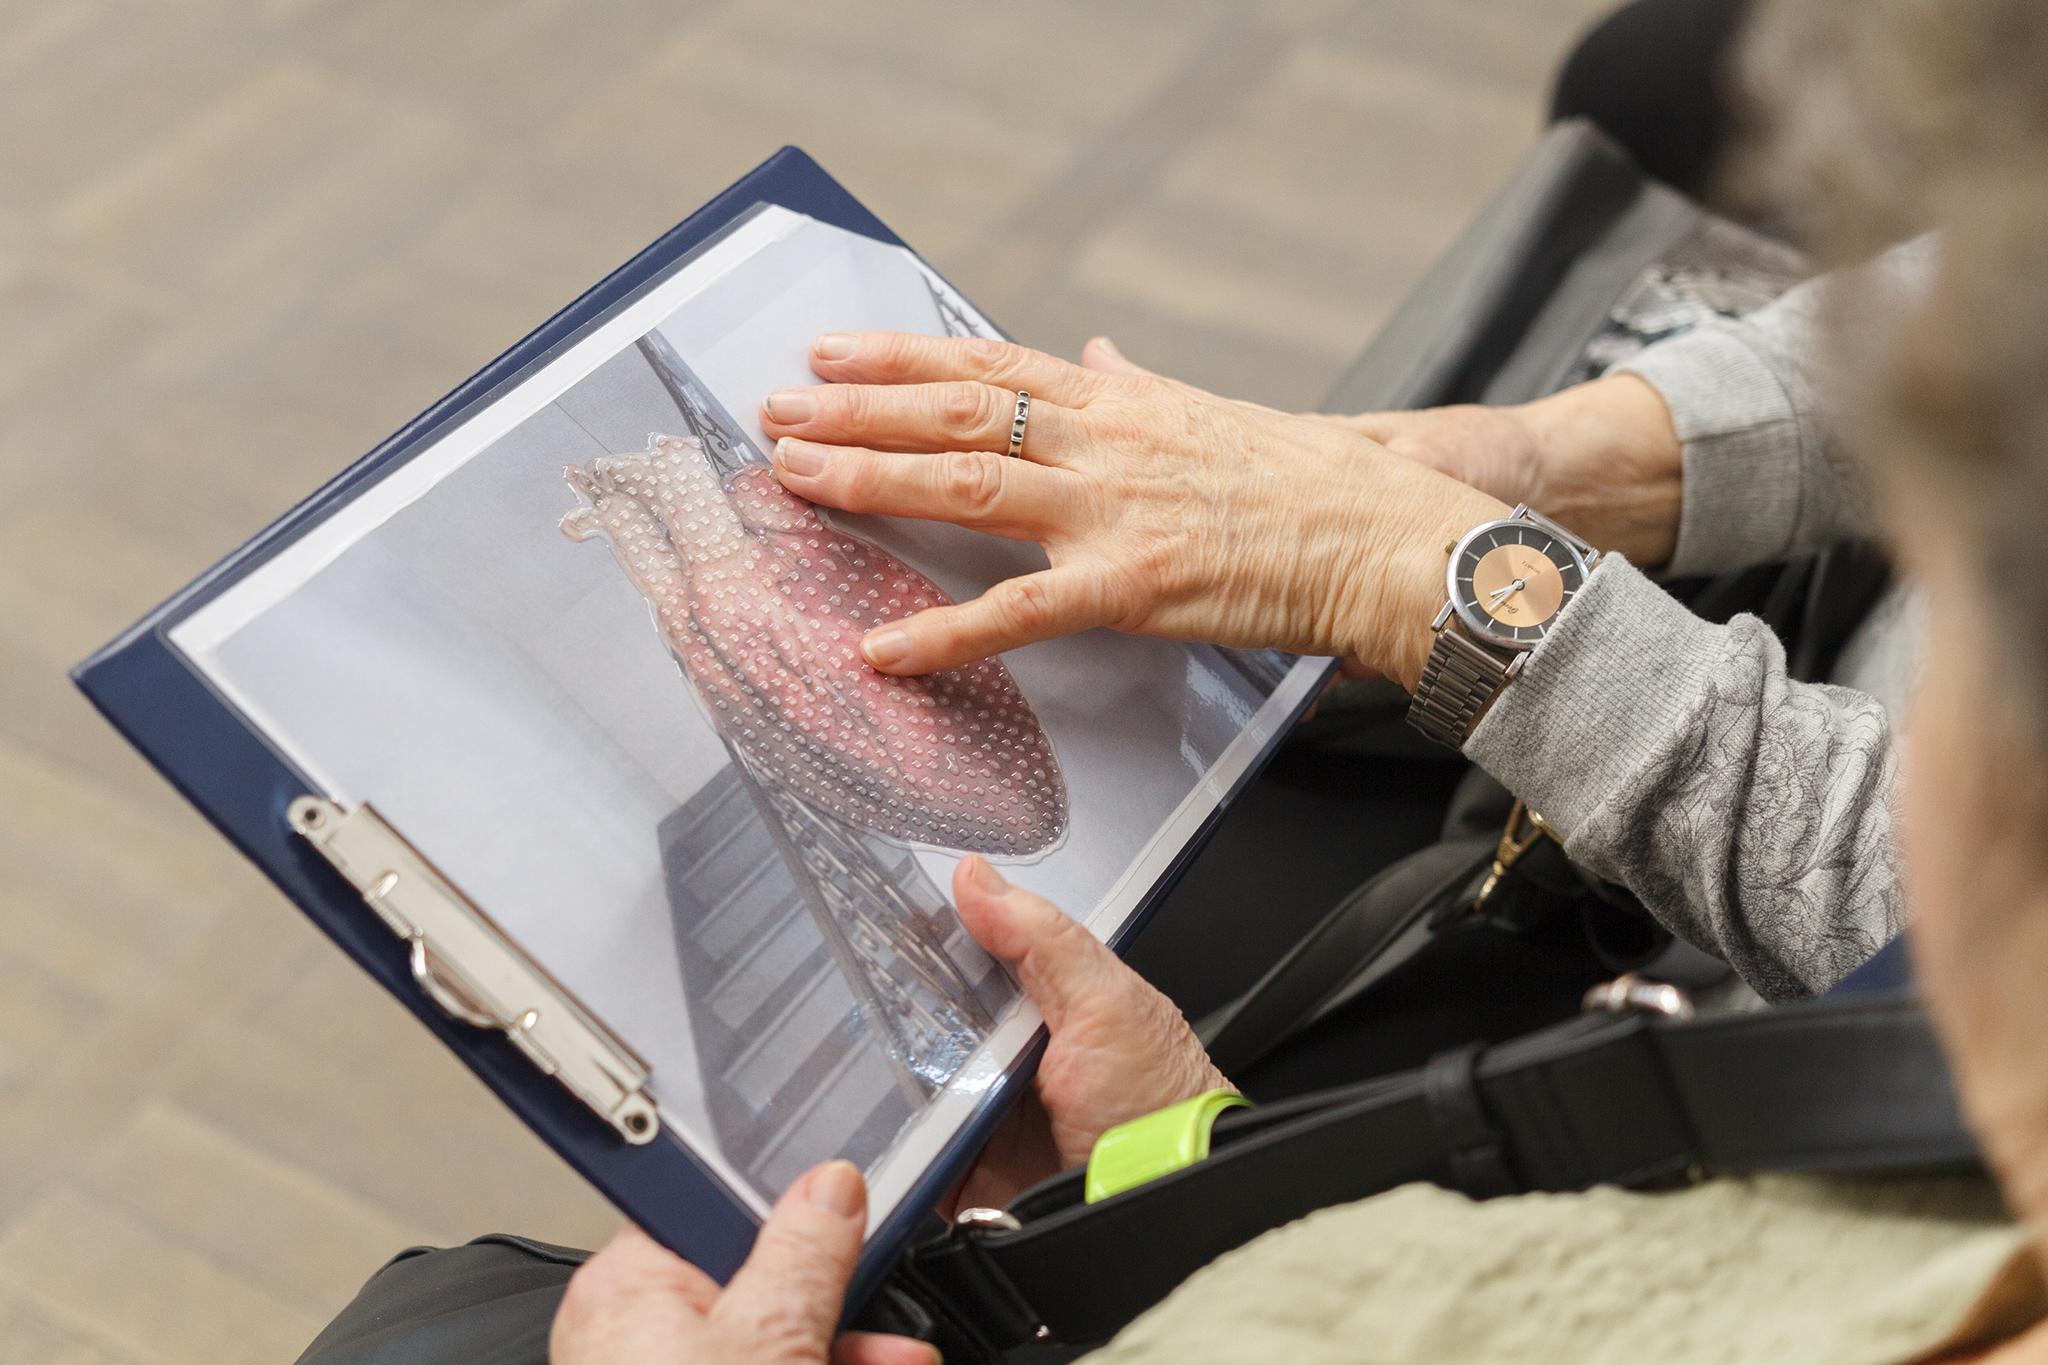 Wydrukowana podobizna rzeźby, wydrukowana na termoformowalnym papierze, wypukła, na zdjęciu ręka która jej dotyka